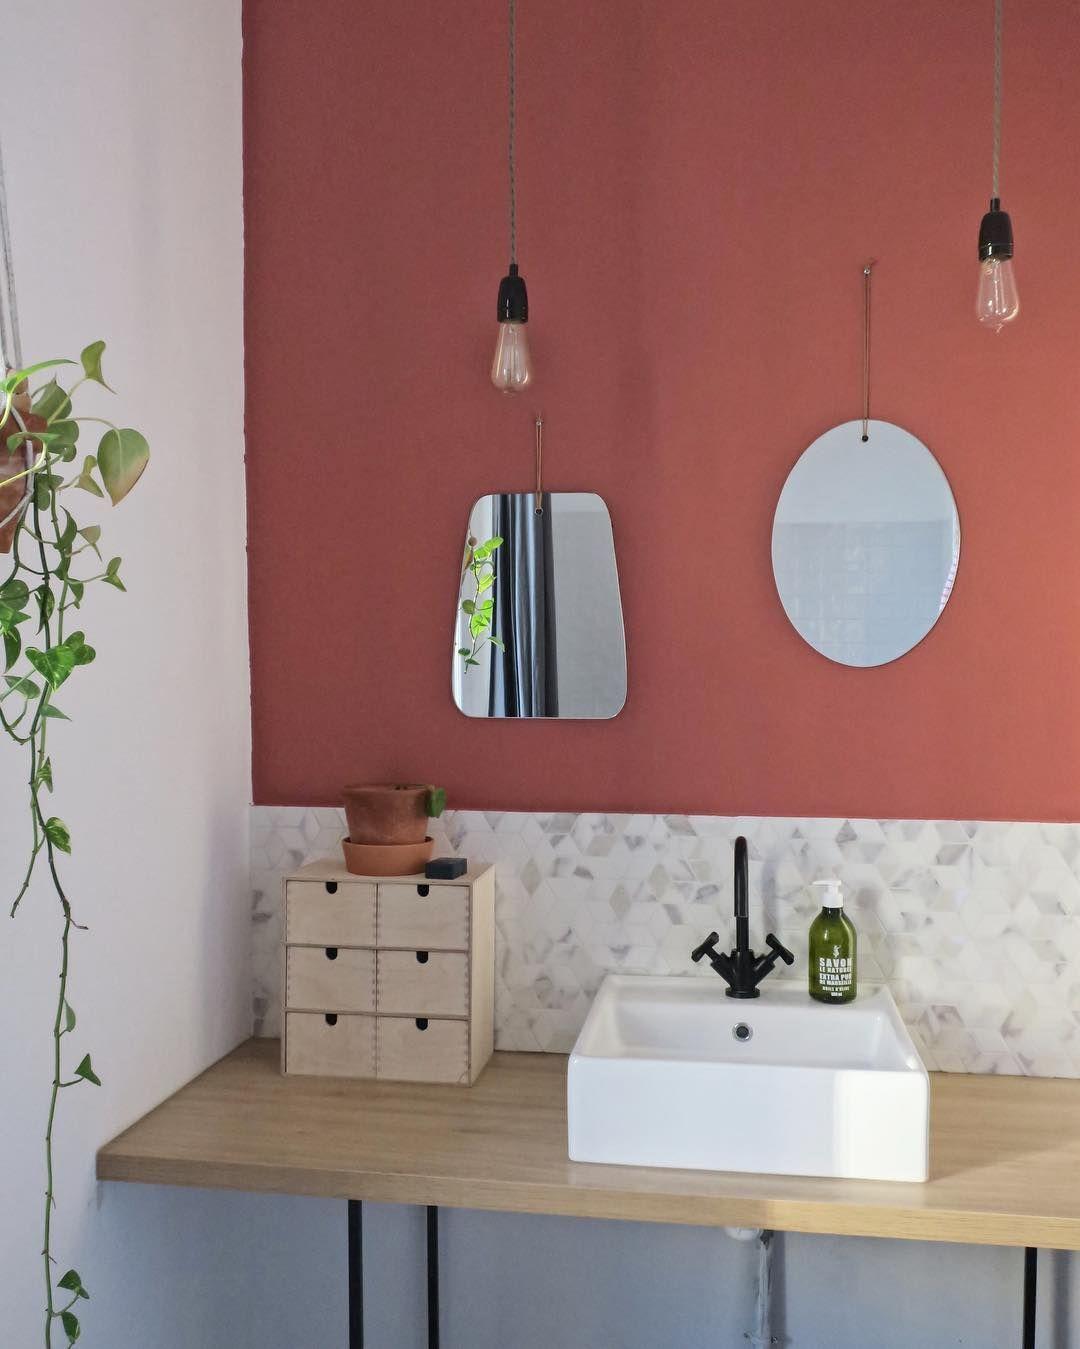 salle de bain avec plantes et couleur terracota au mur  Idée